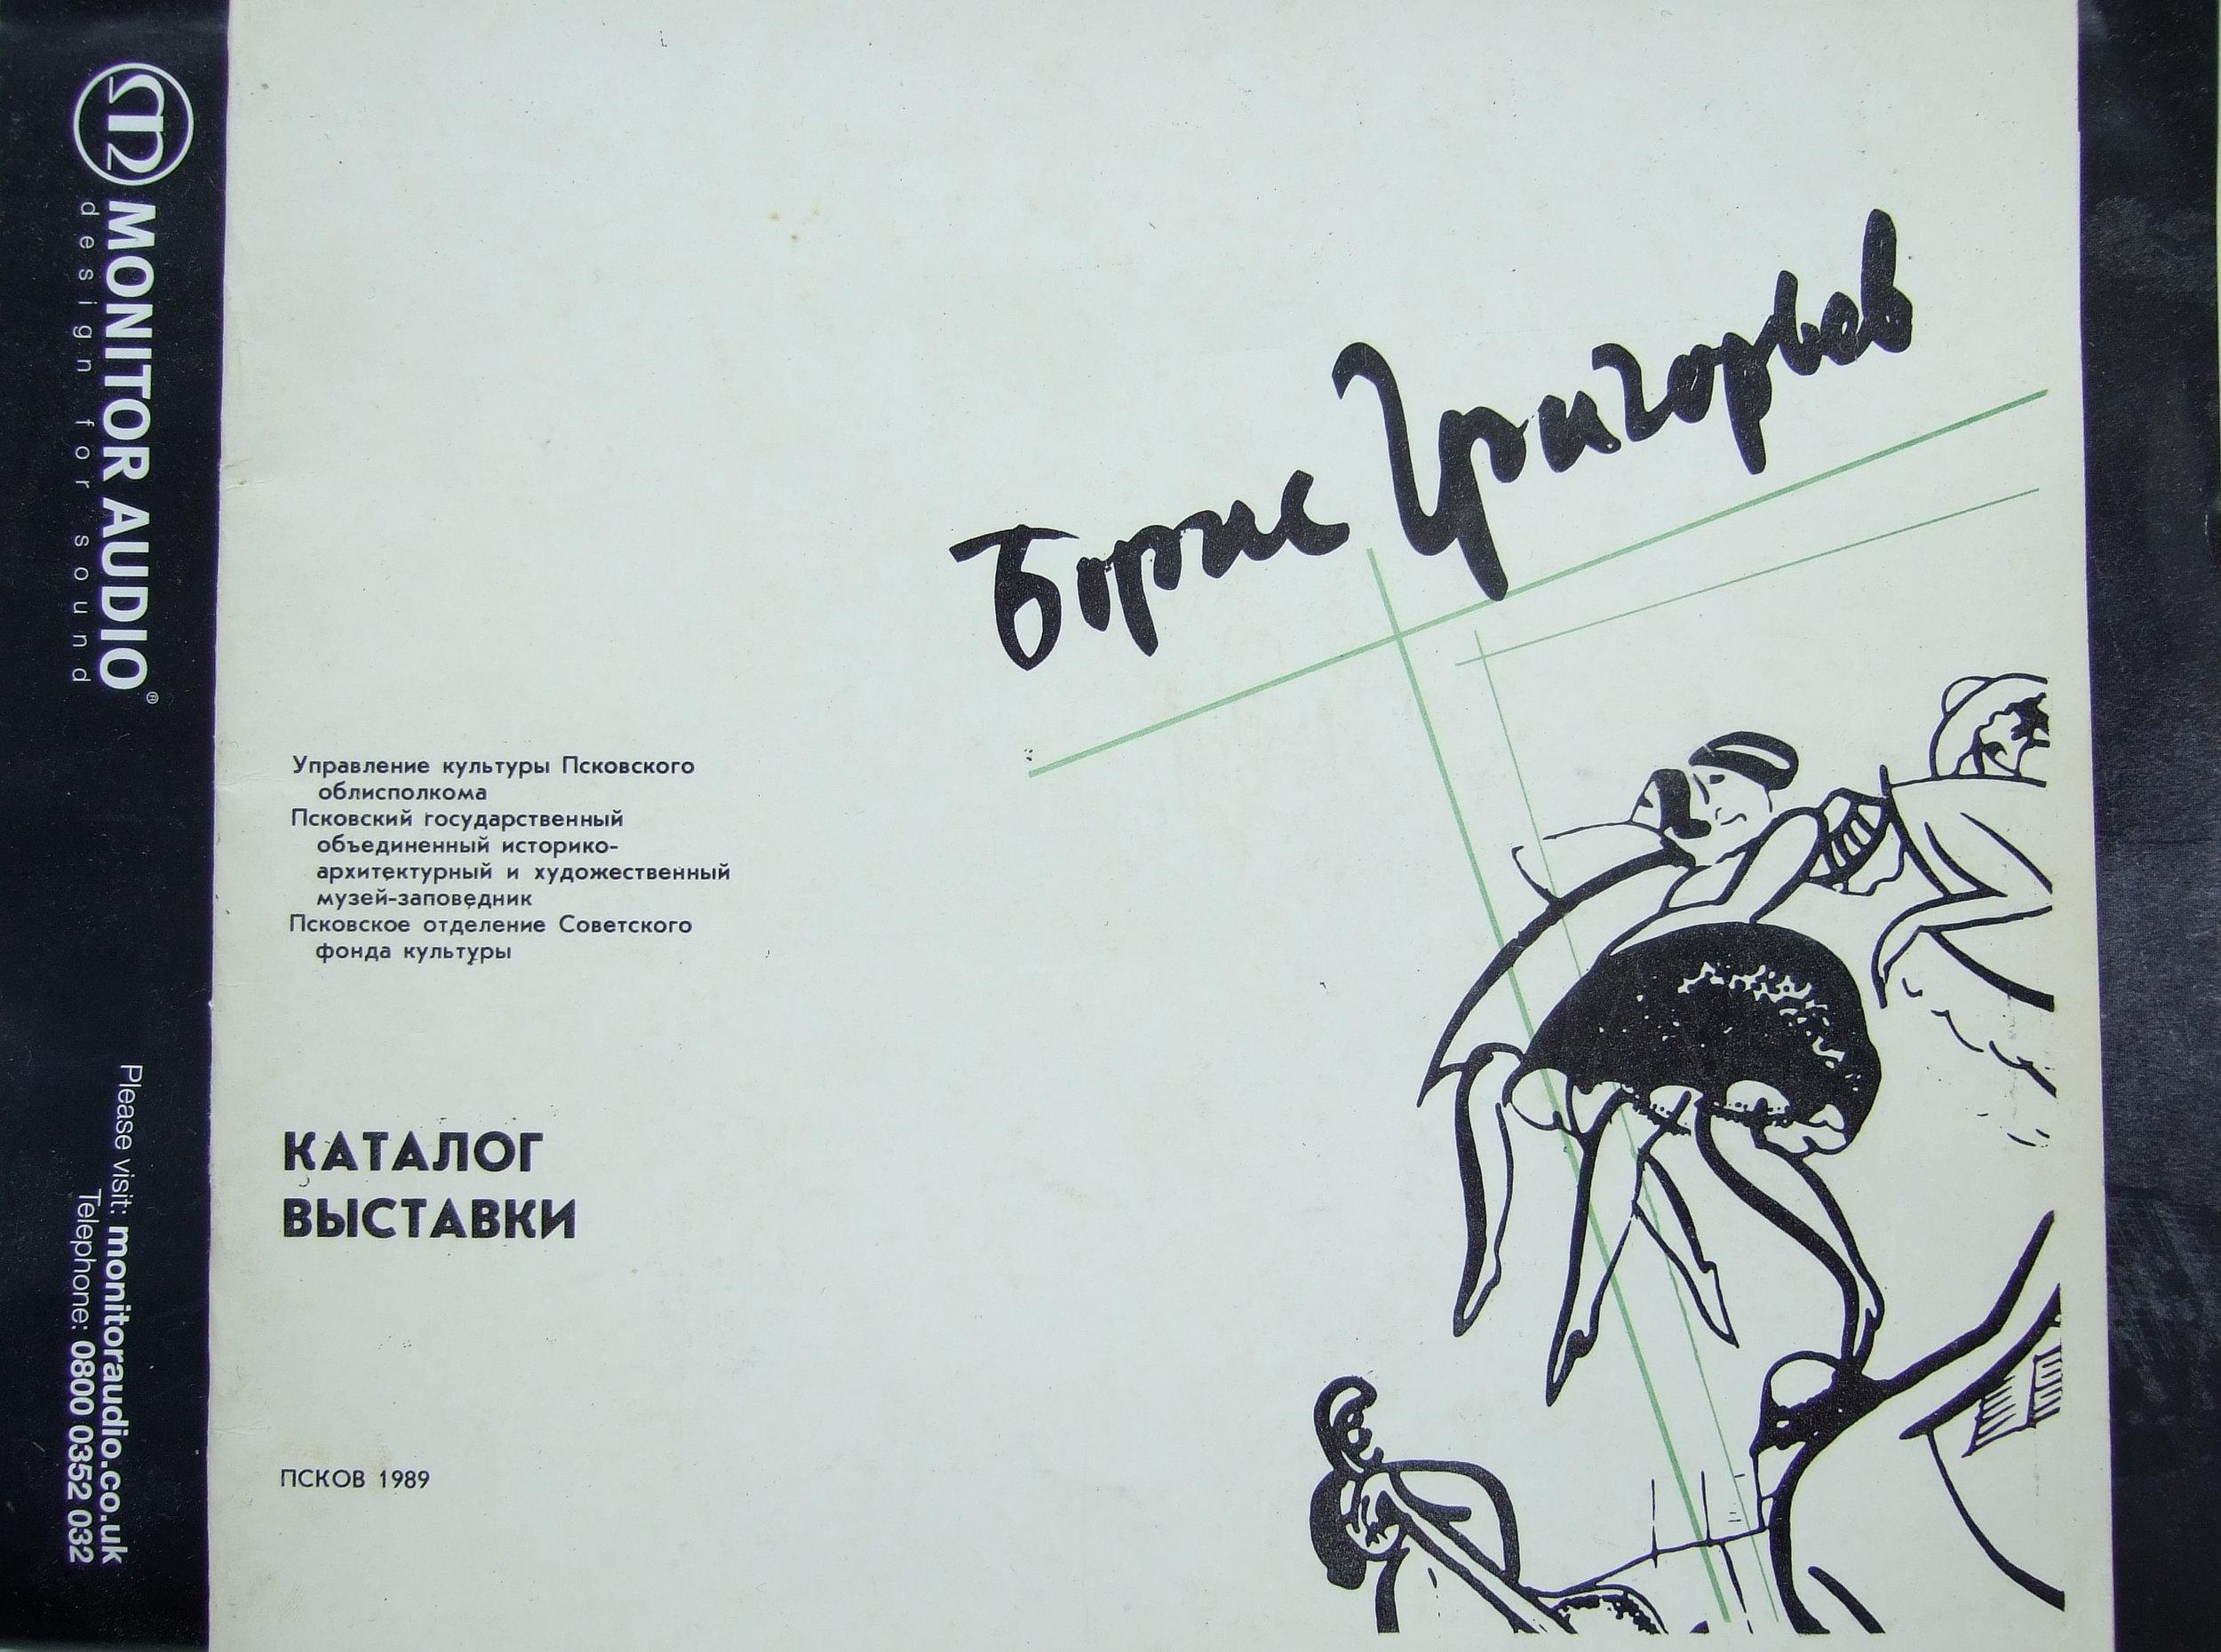 Boris Grigoriev Exhibition Catalogue